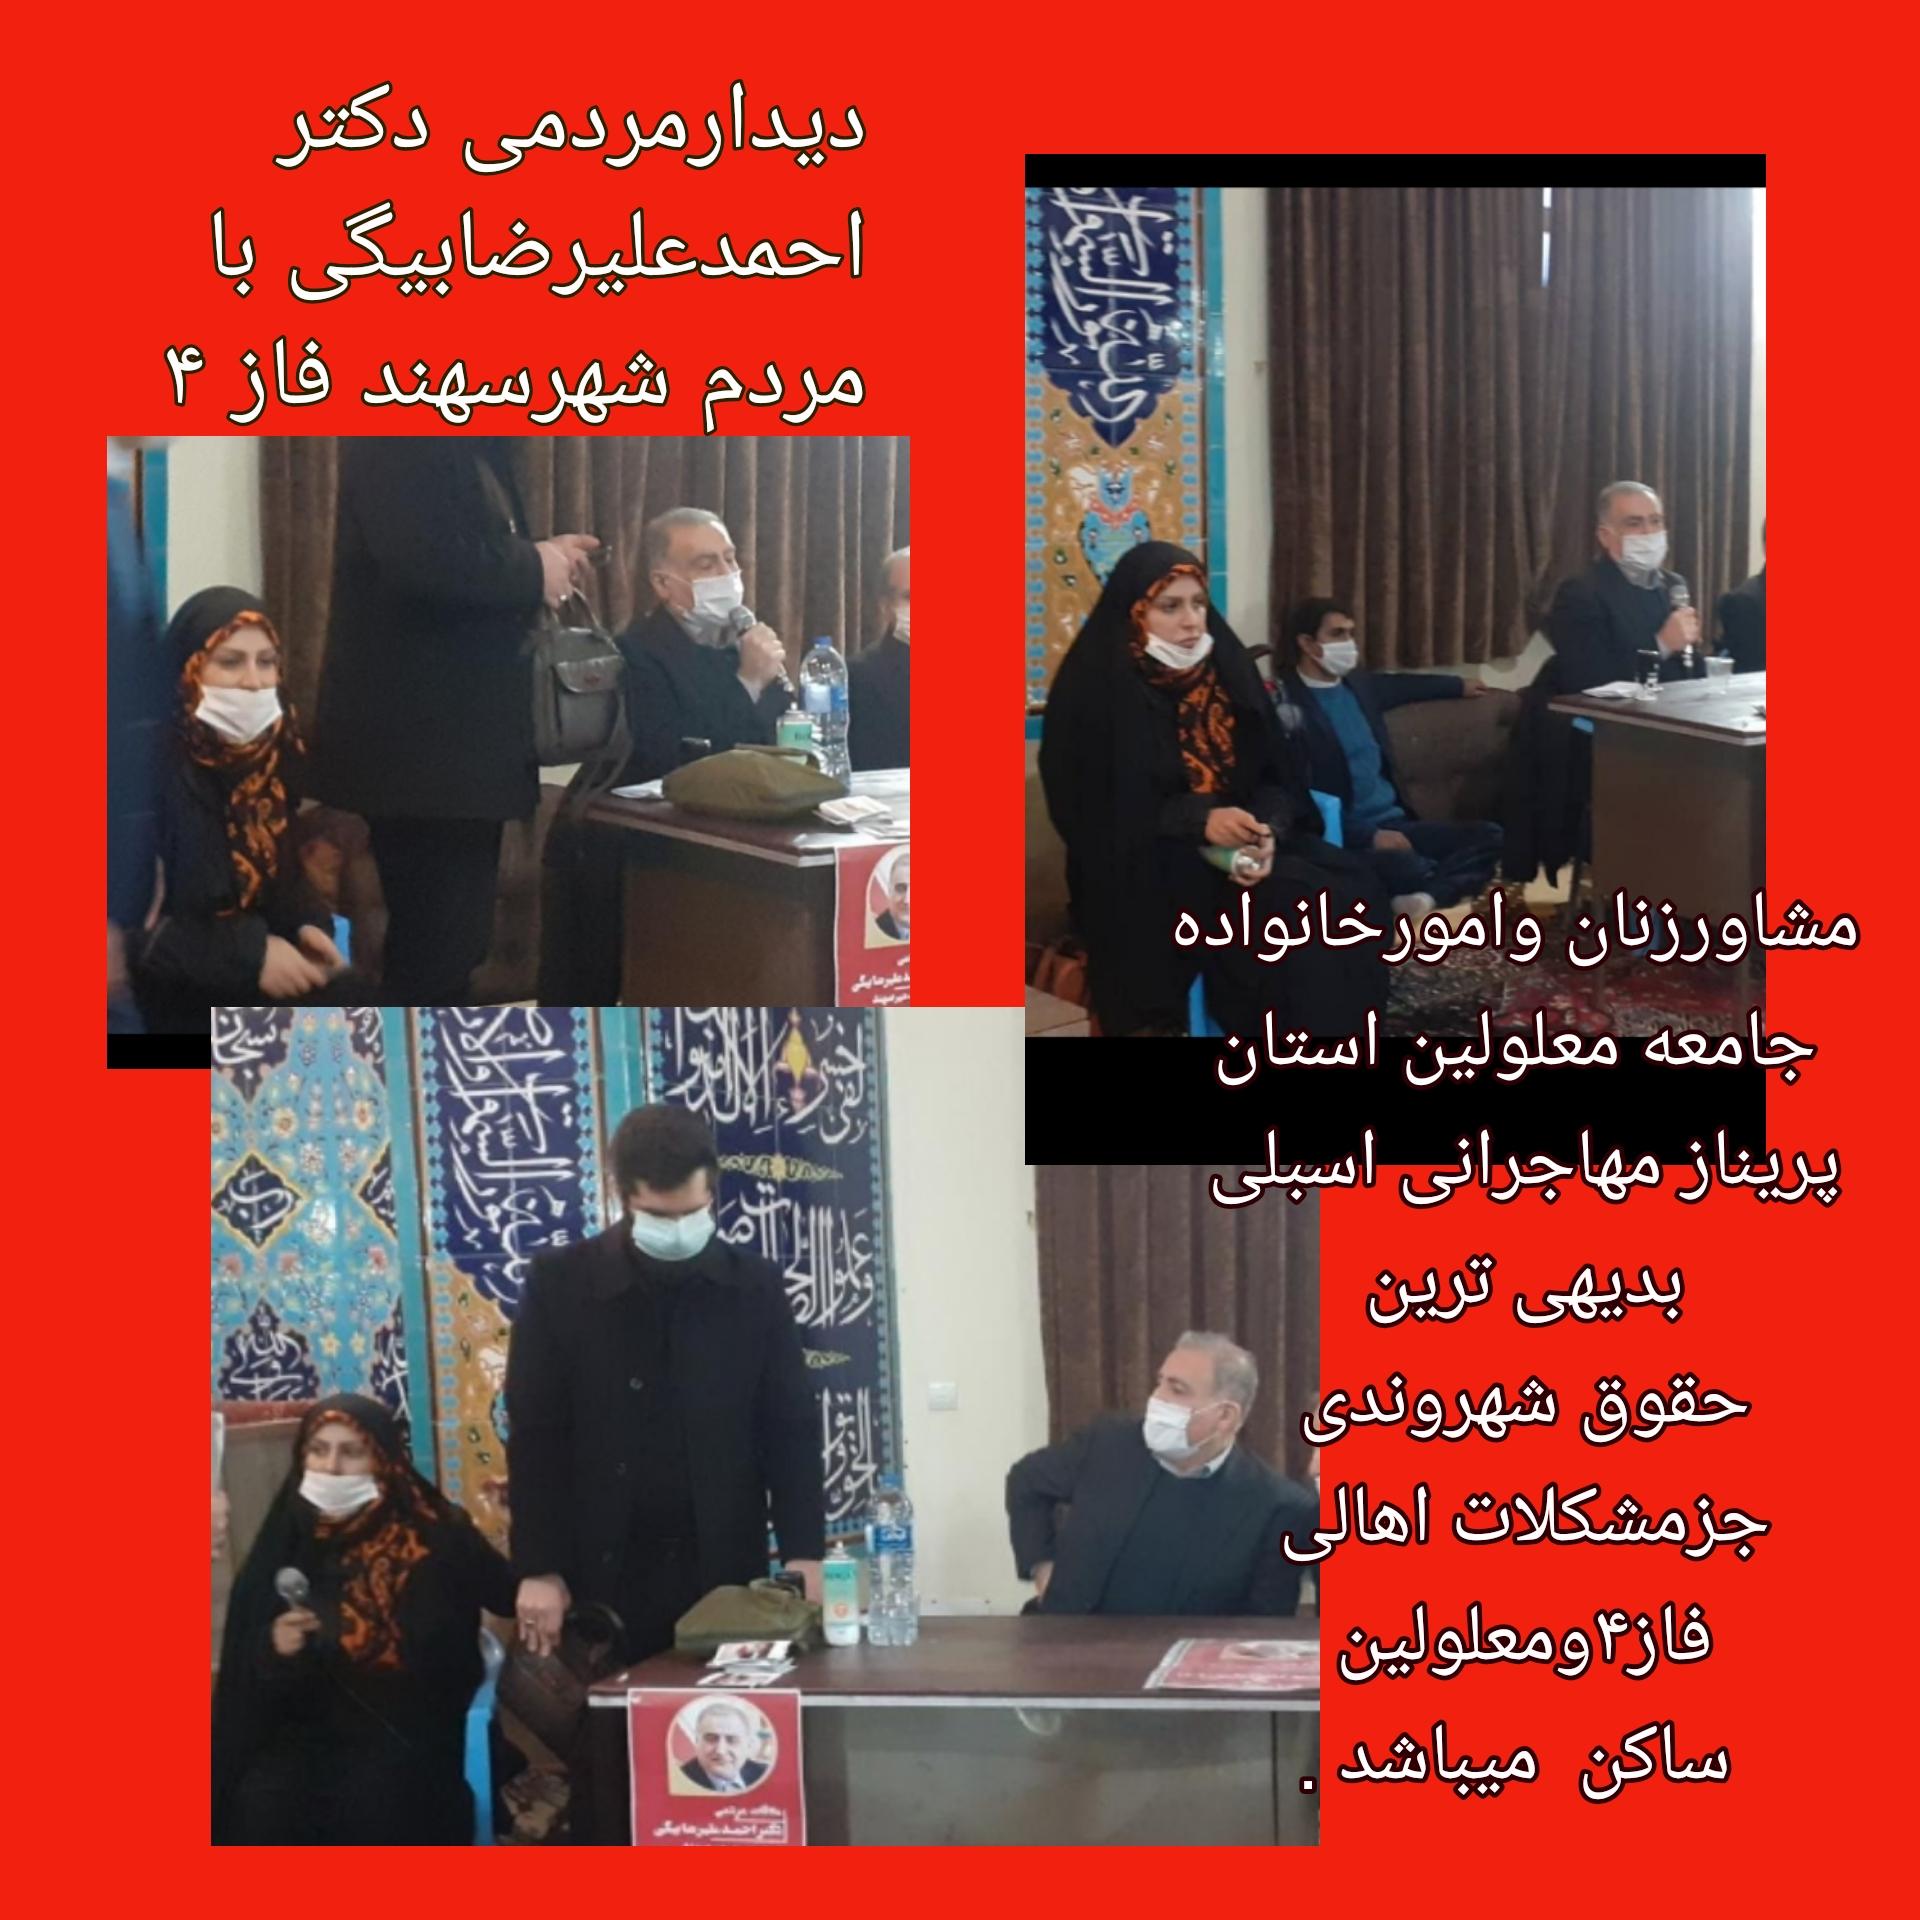 ملاقات مردمی احمدعلیرضا  بیگی  سهند فاز۴